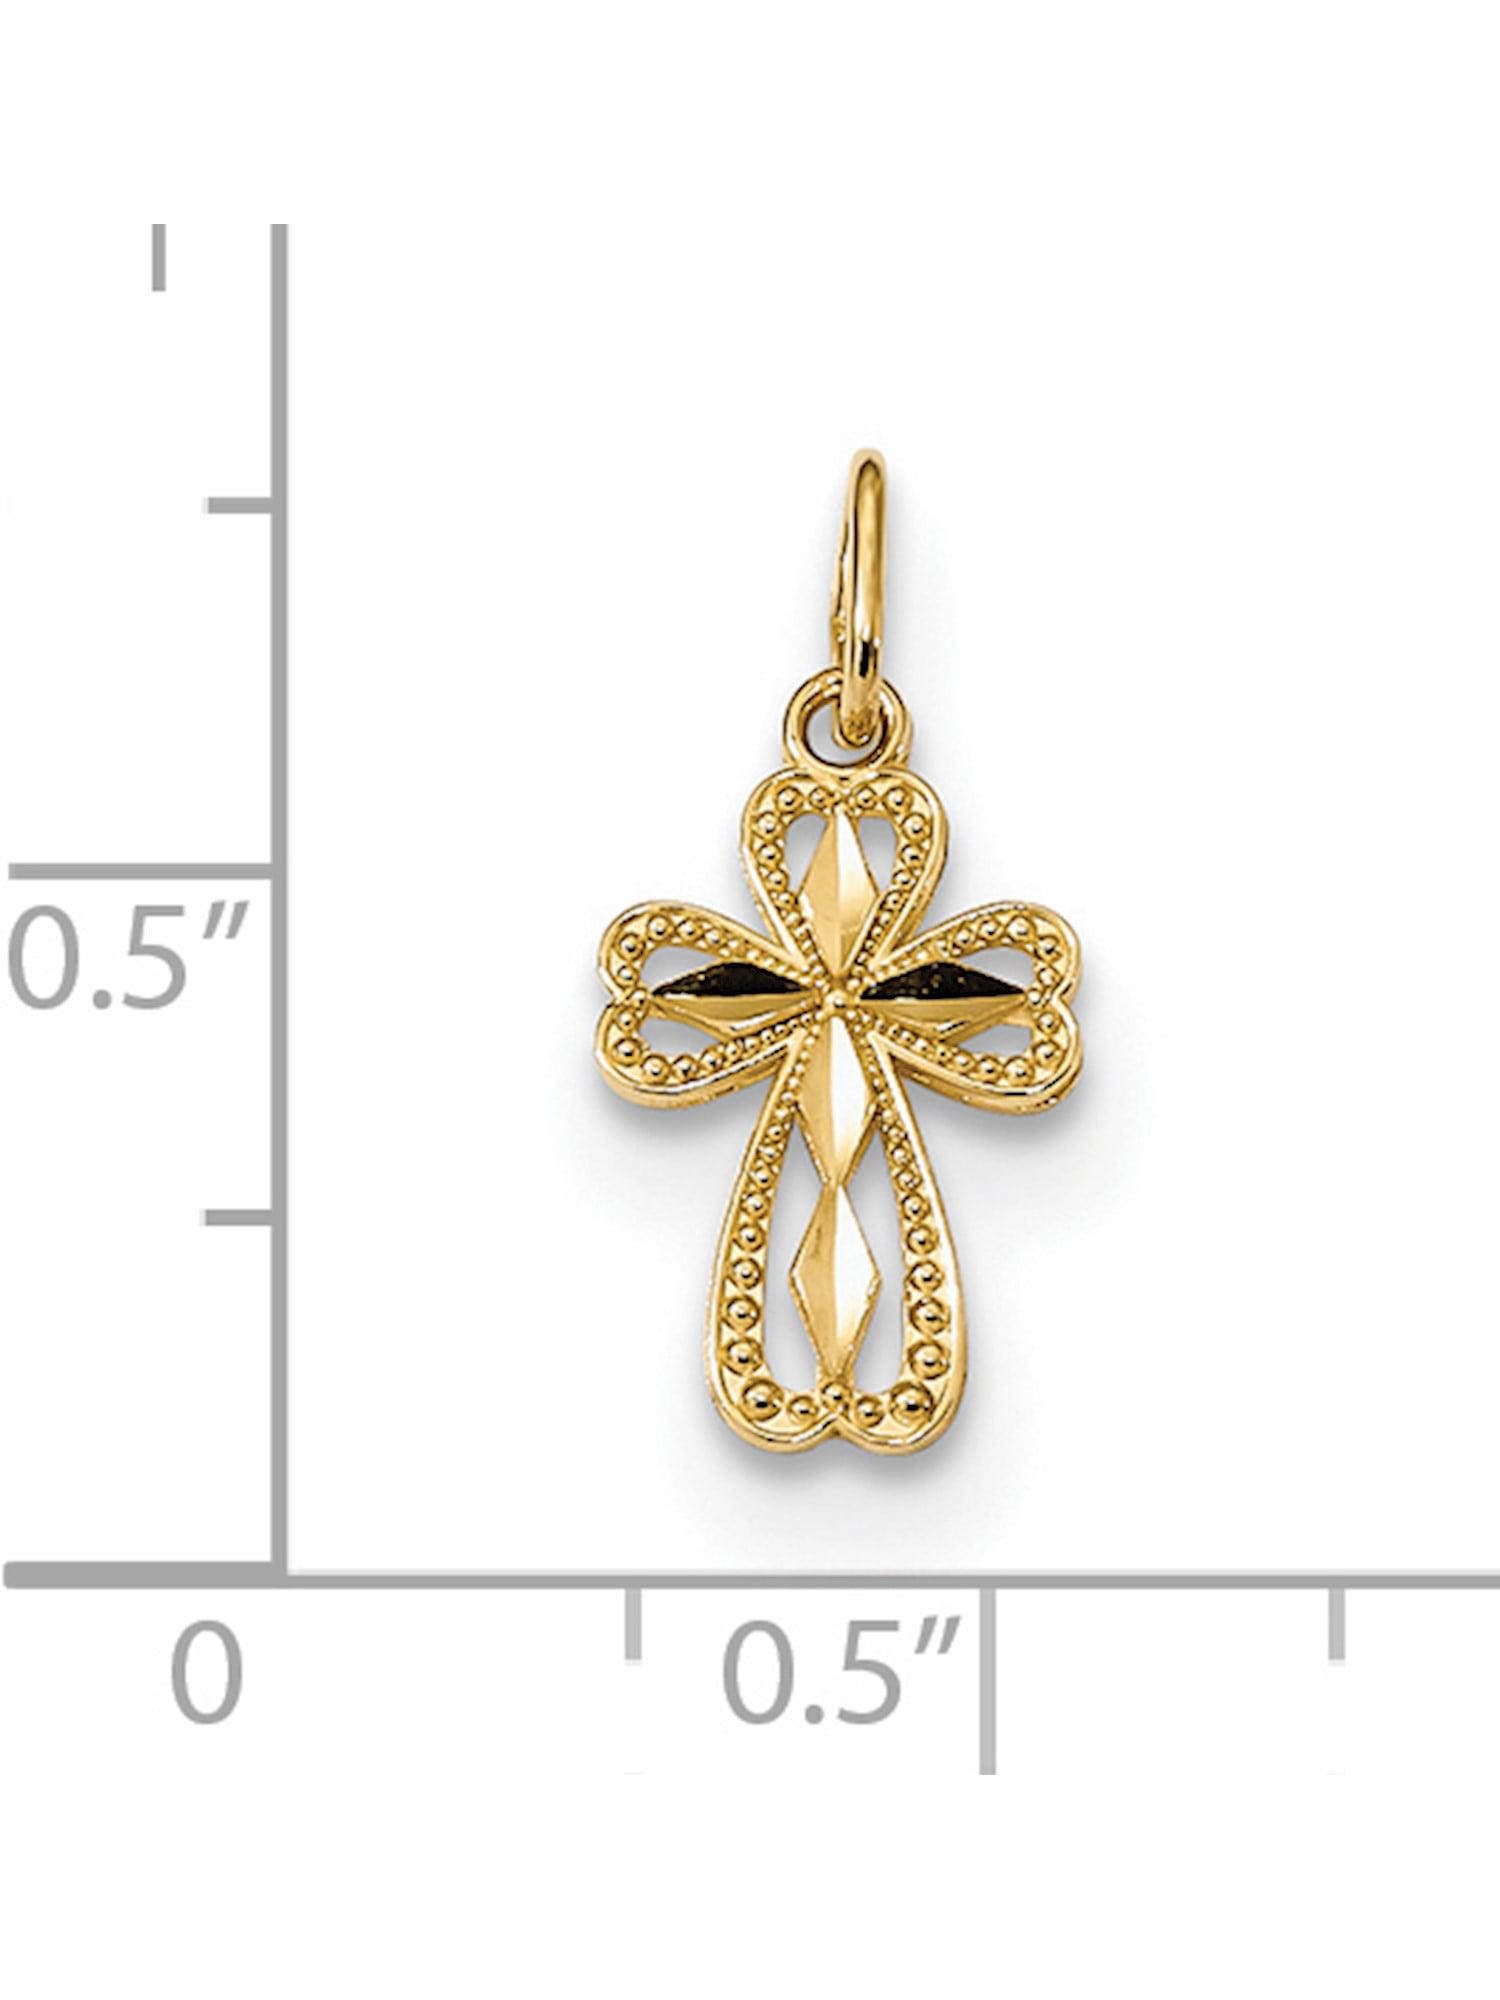 14K Yellow Gold Diamond Cut Polished Small Cross Pendant